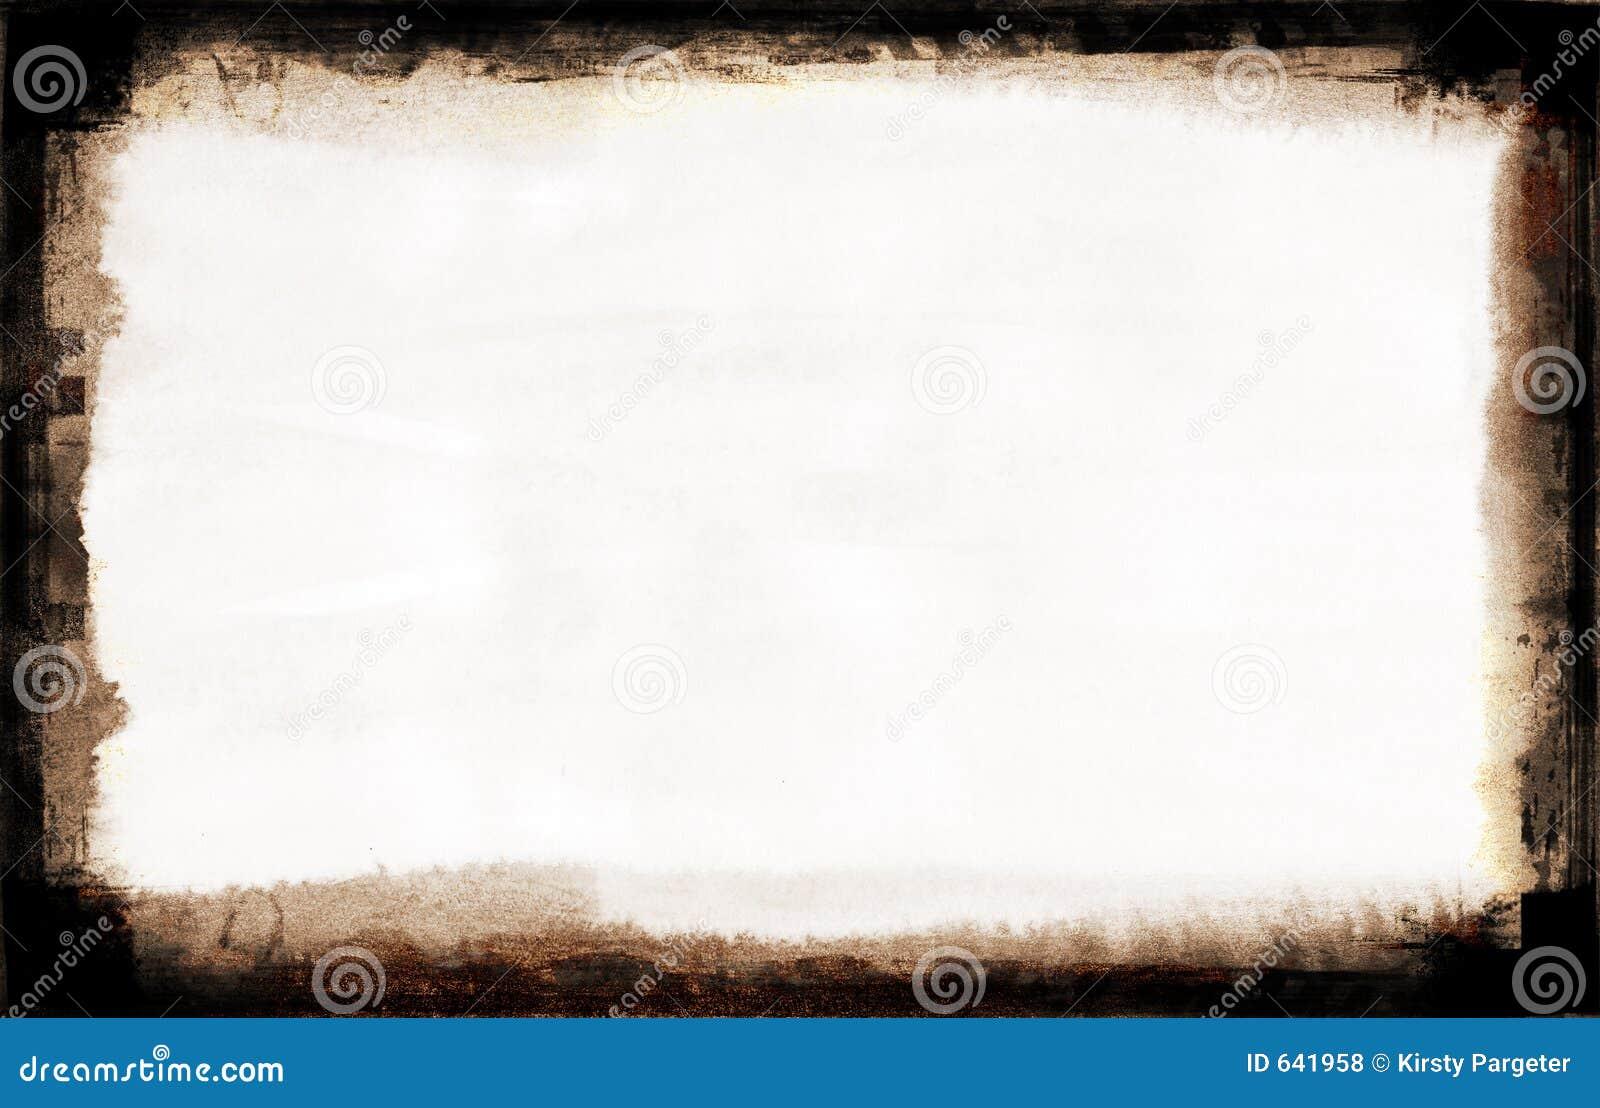 Download Grunge граници иллюстрация штока. иллюстрации насчитывающей цифрово - 641958